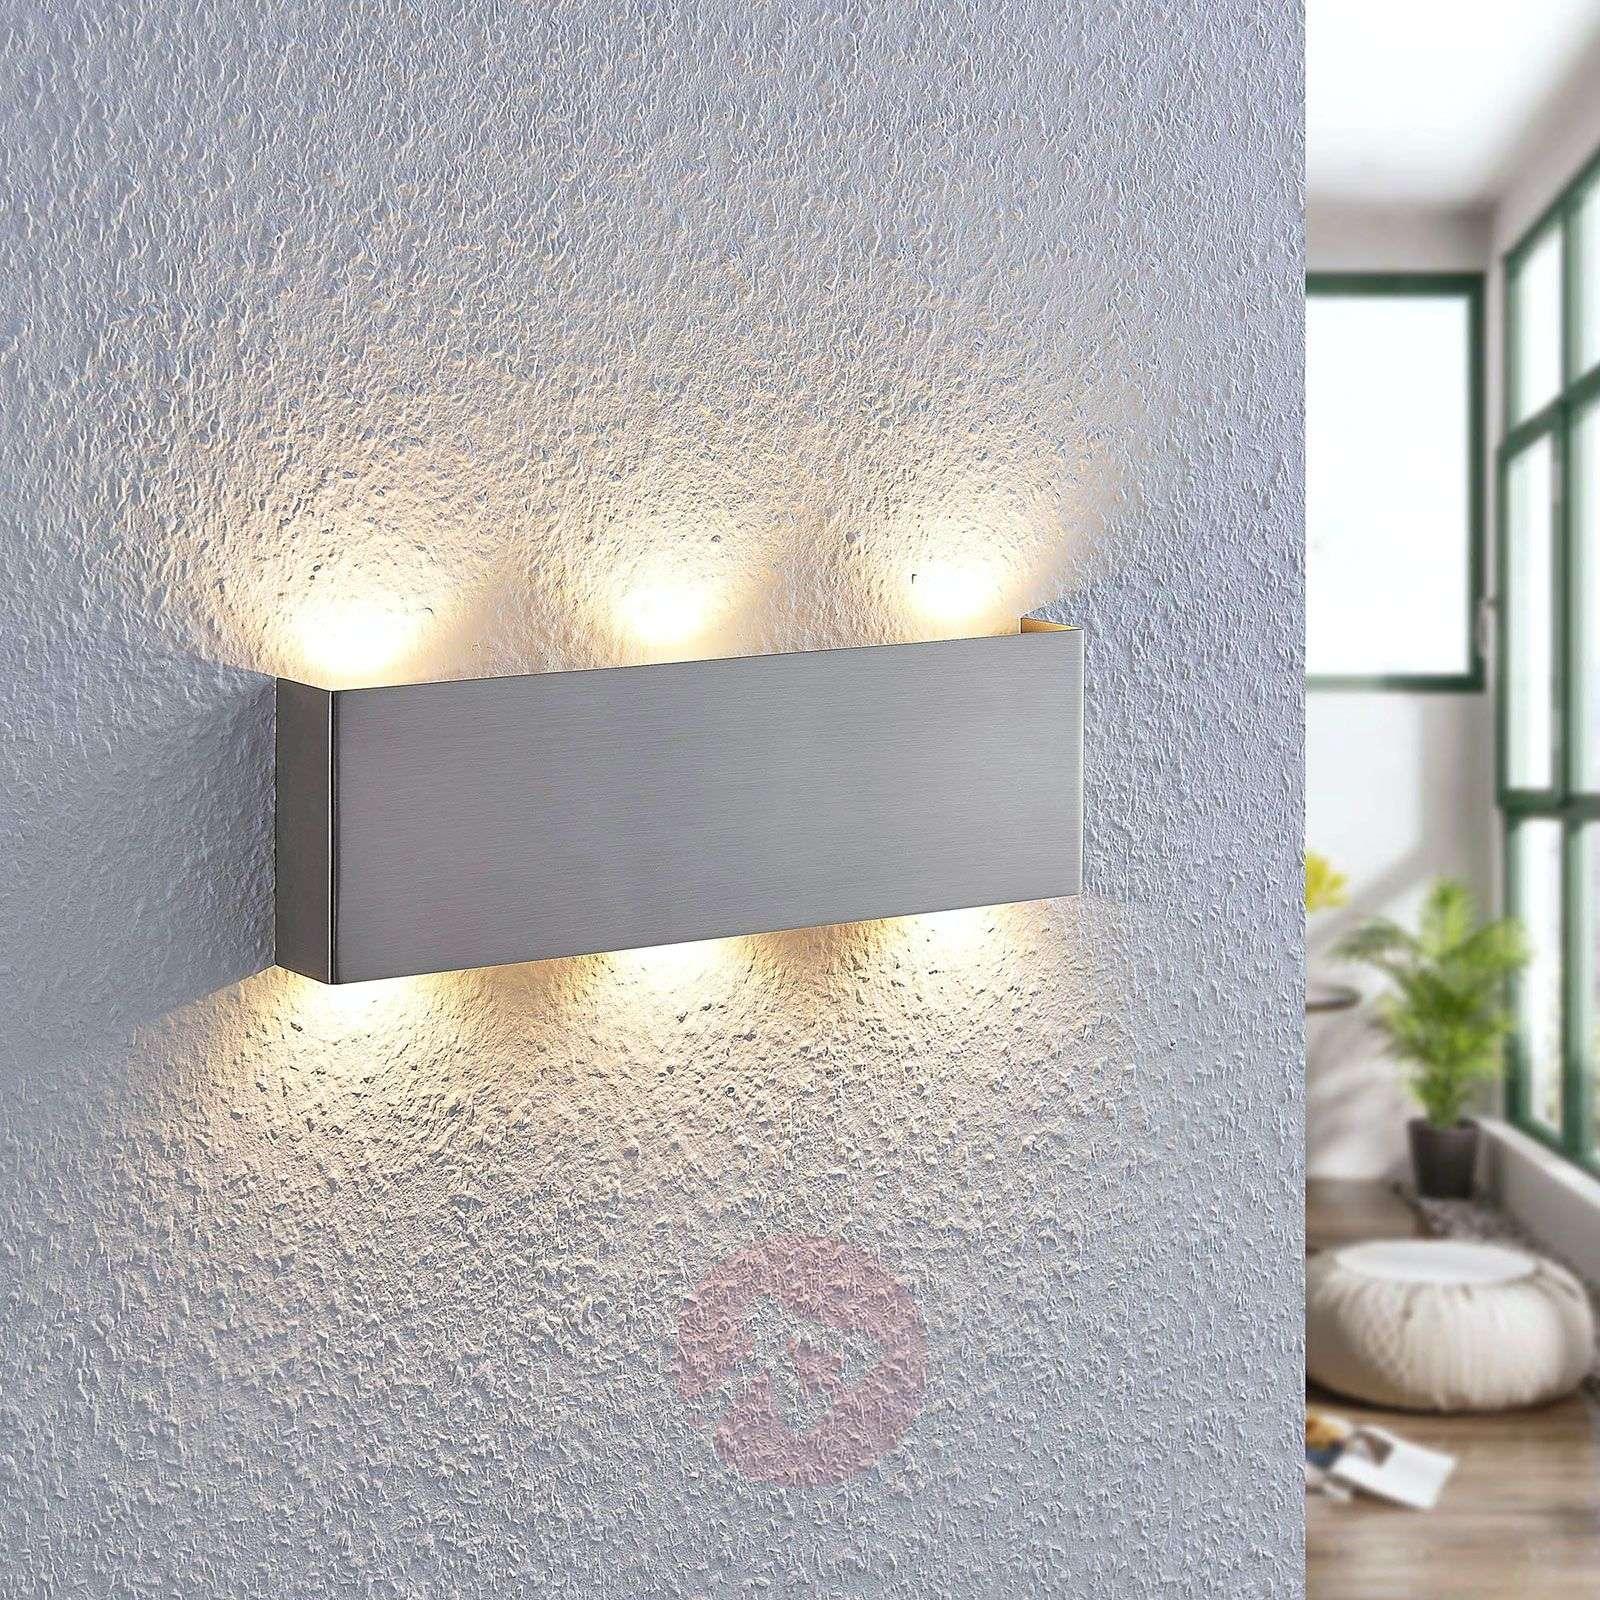 LED-seinävalaisin Manon, satin.nikkeli, 35 cm-9633047-02